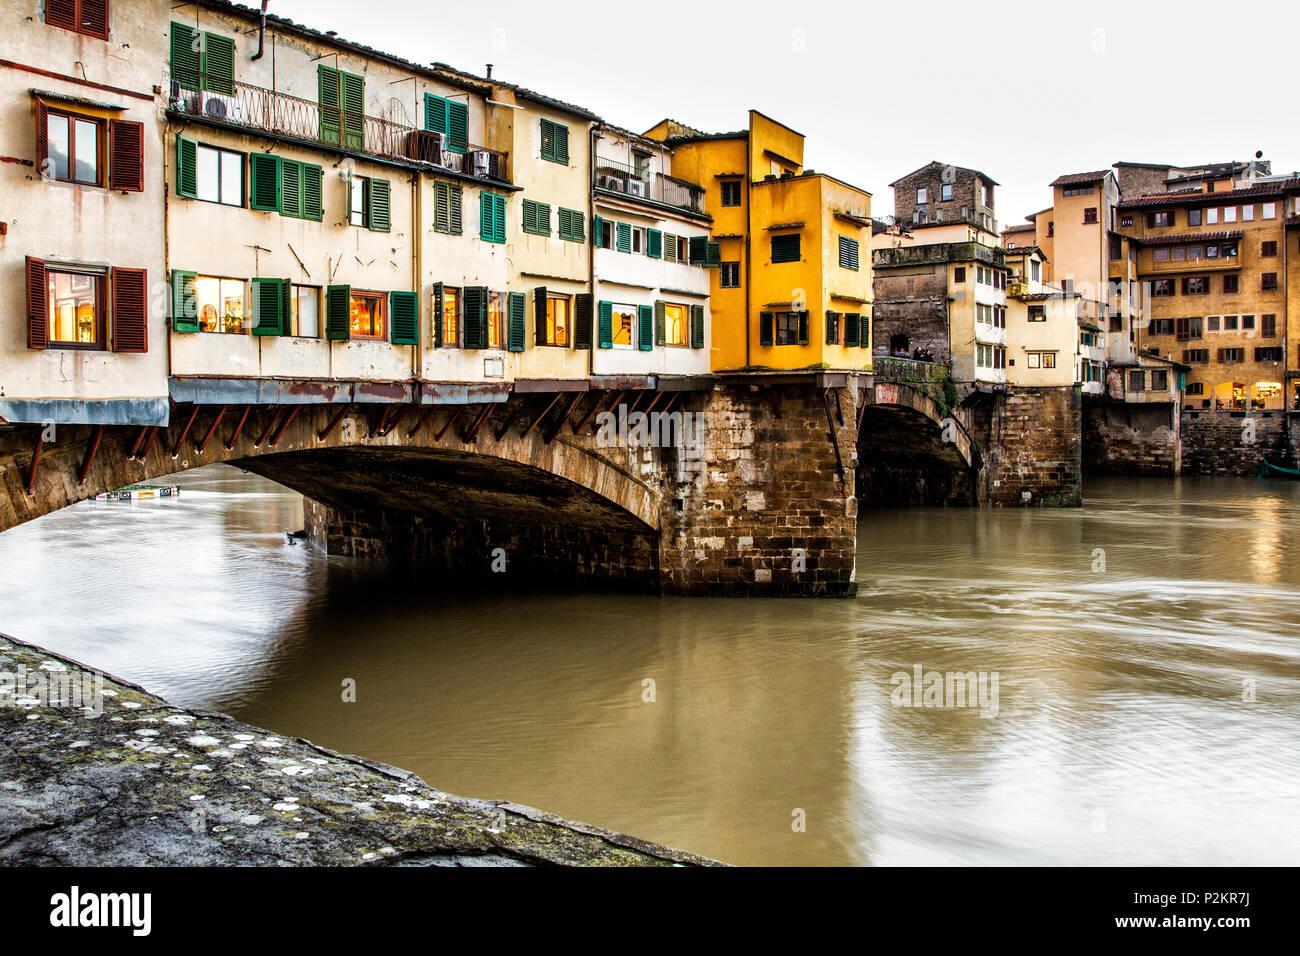 Ponte Vecchio. Firenze, Provincia di Firenze, Italia. Immagini Stock